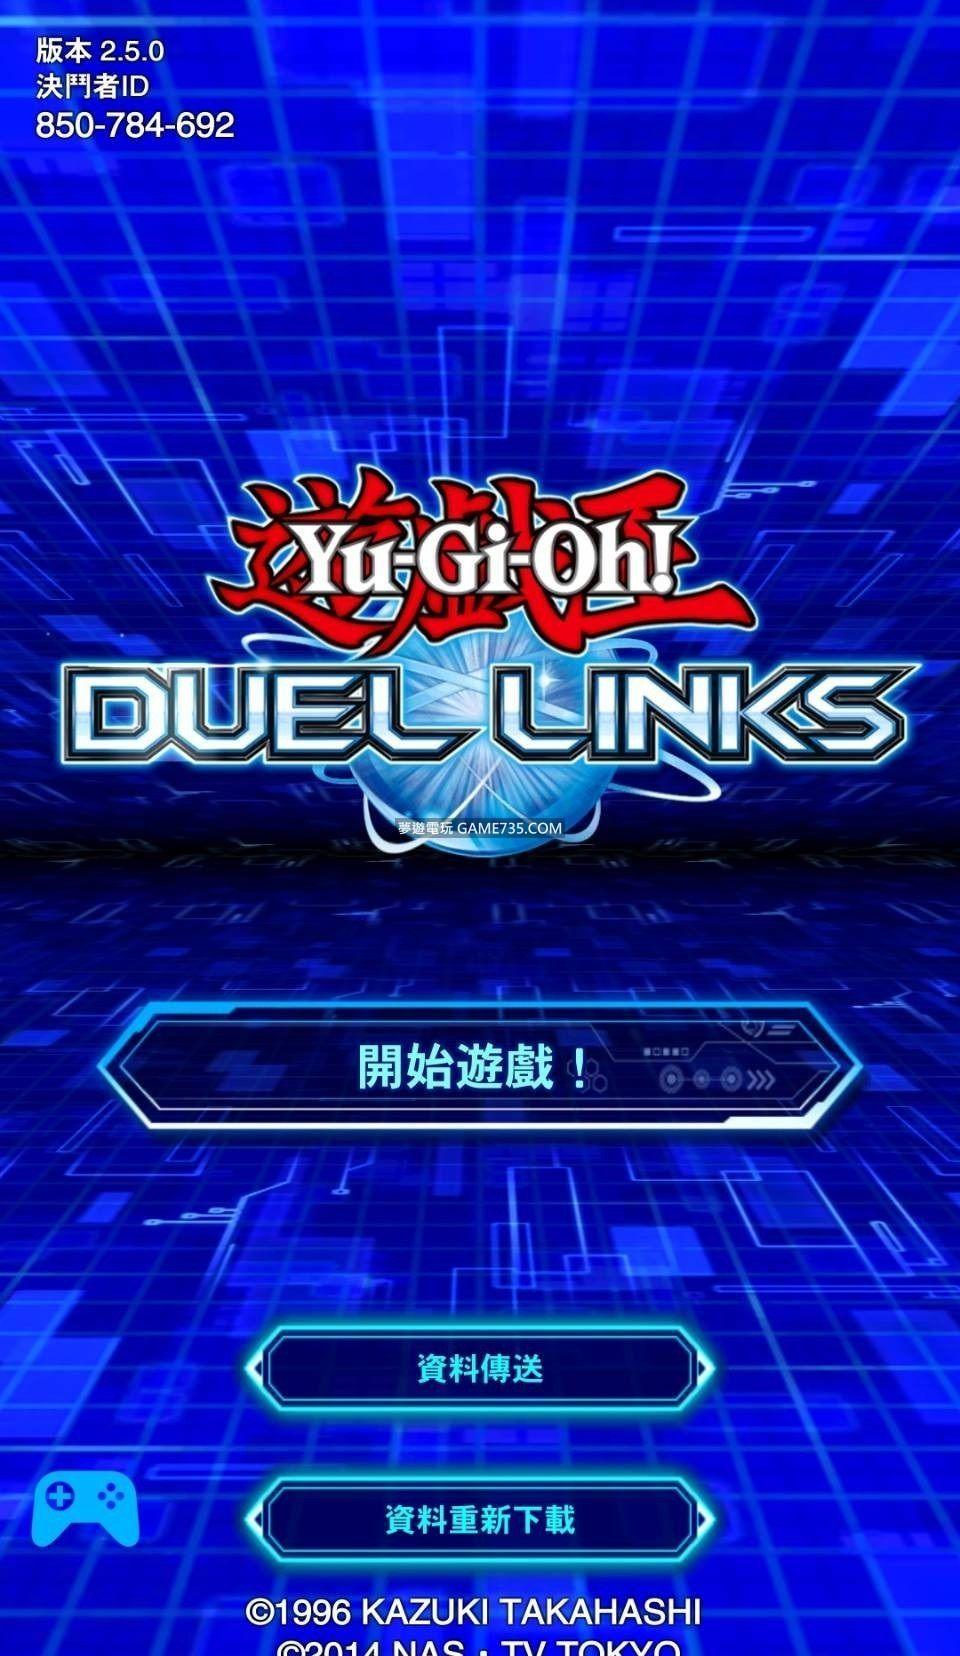 【修改版】遊戲王 V4.4.0 Duel links 繁中+透視+投降4500分+8000分更新2020220